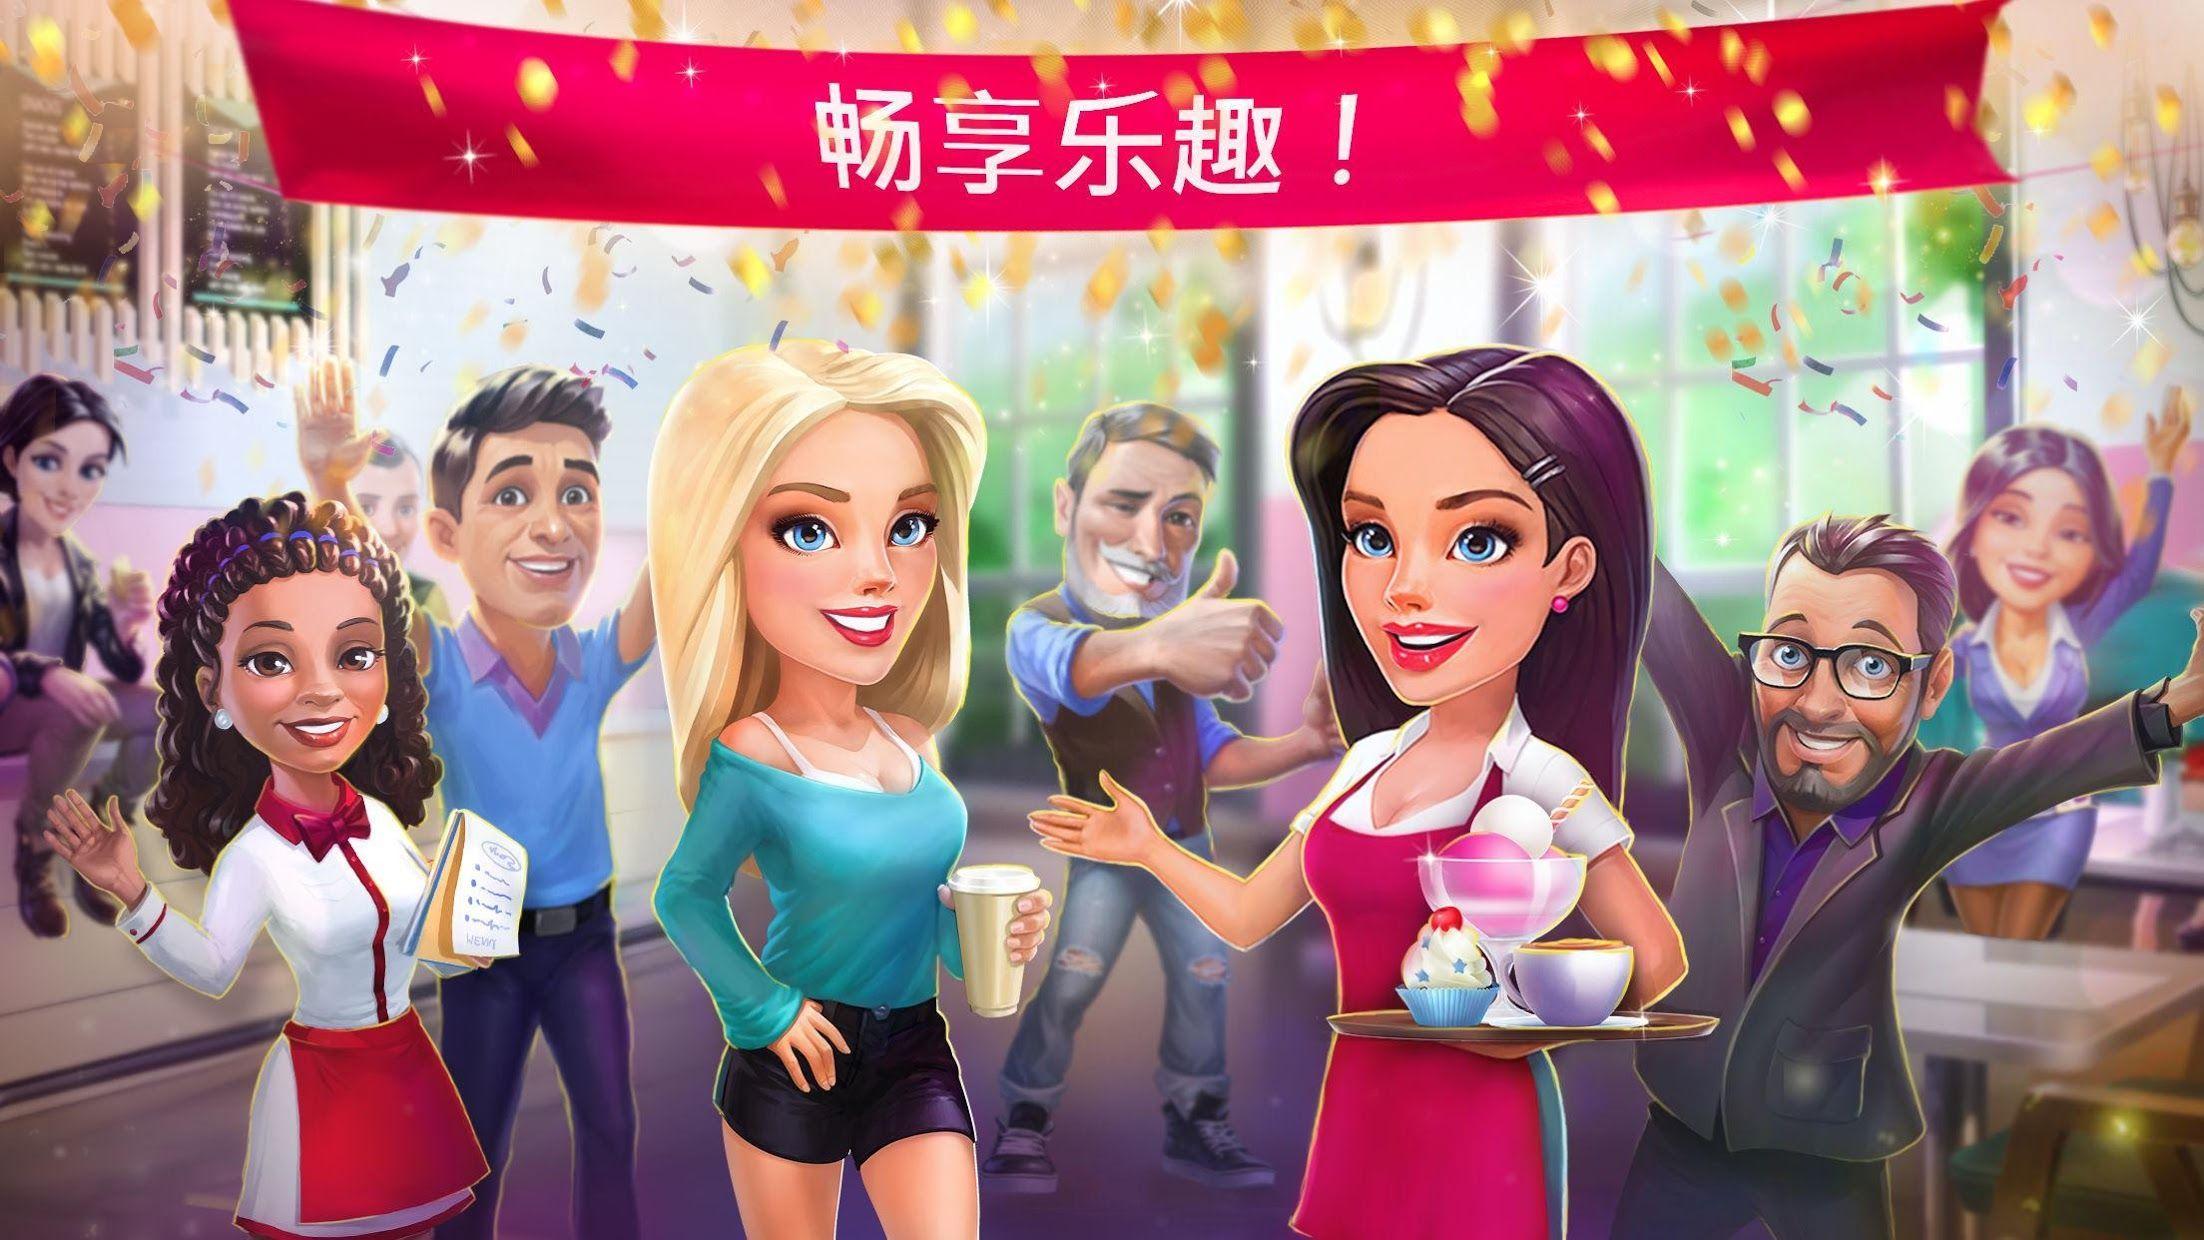 我的咖啡厅 - 世界餐厅游戏 游戏截图5